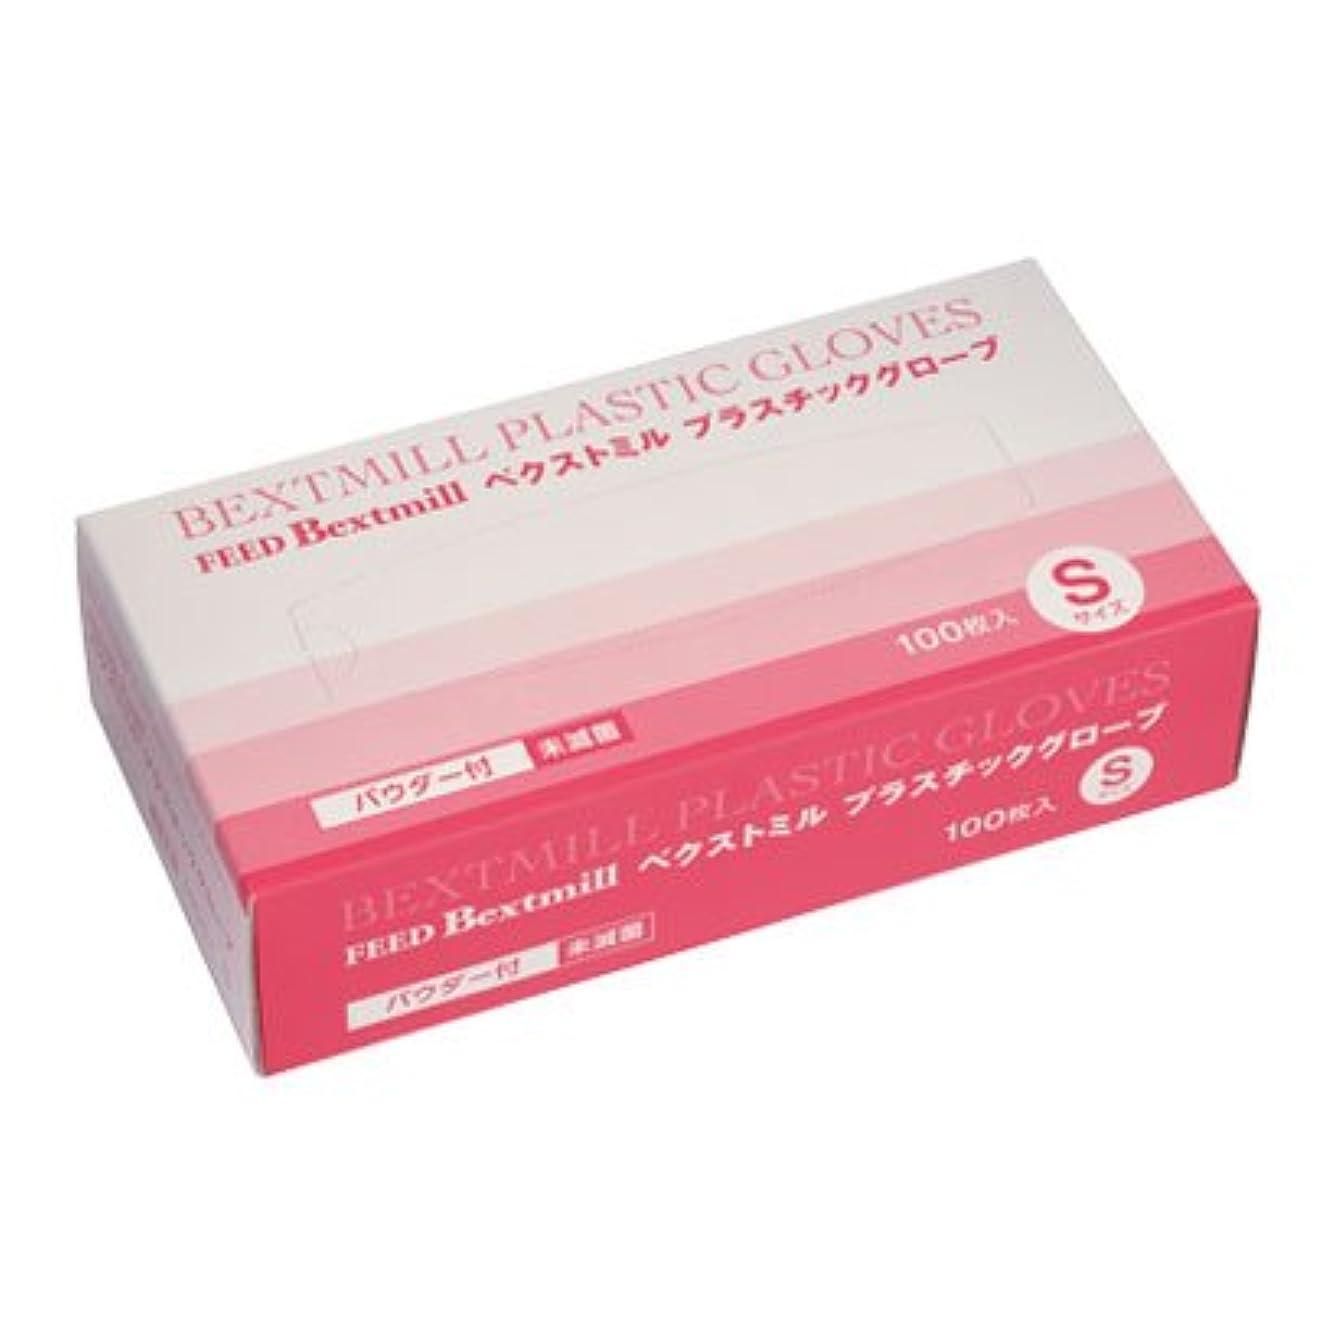 頬骨ボウリング資料【業務用】 FEED(フィード) ベクストミル プラスチックグローブ パウダー付S/カートン(100枚入×20ケース) (作業用)